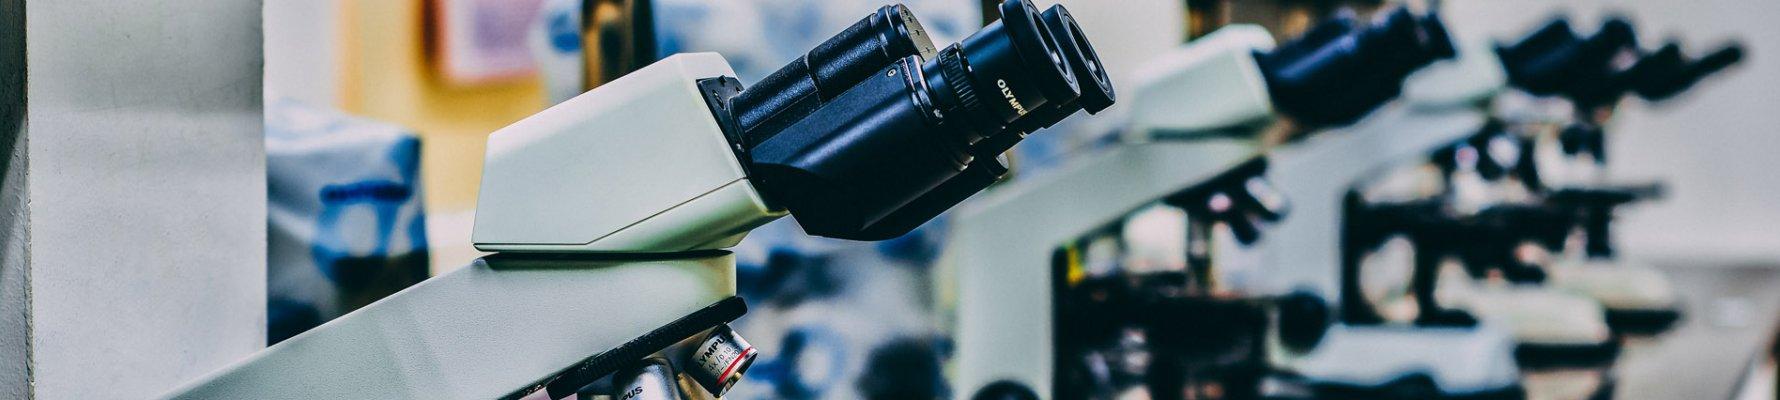 microscoop_web